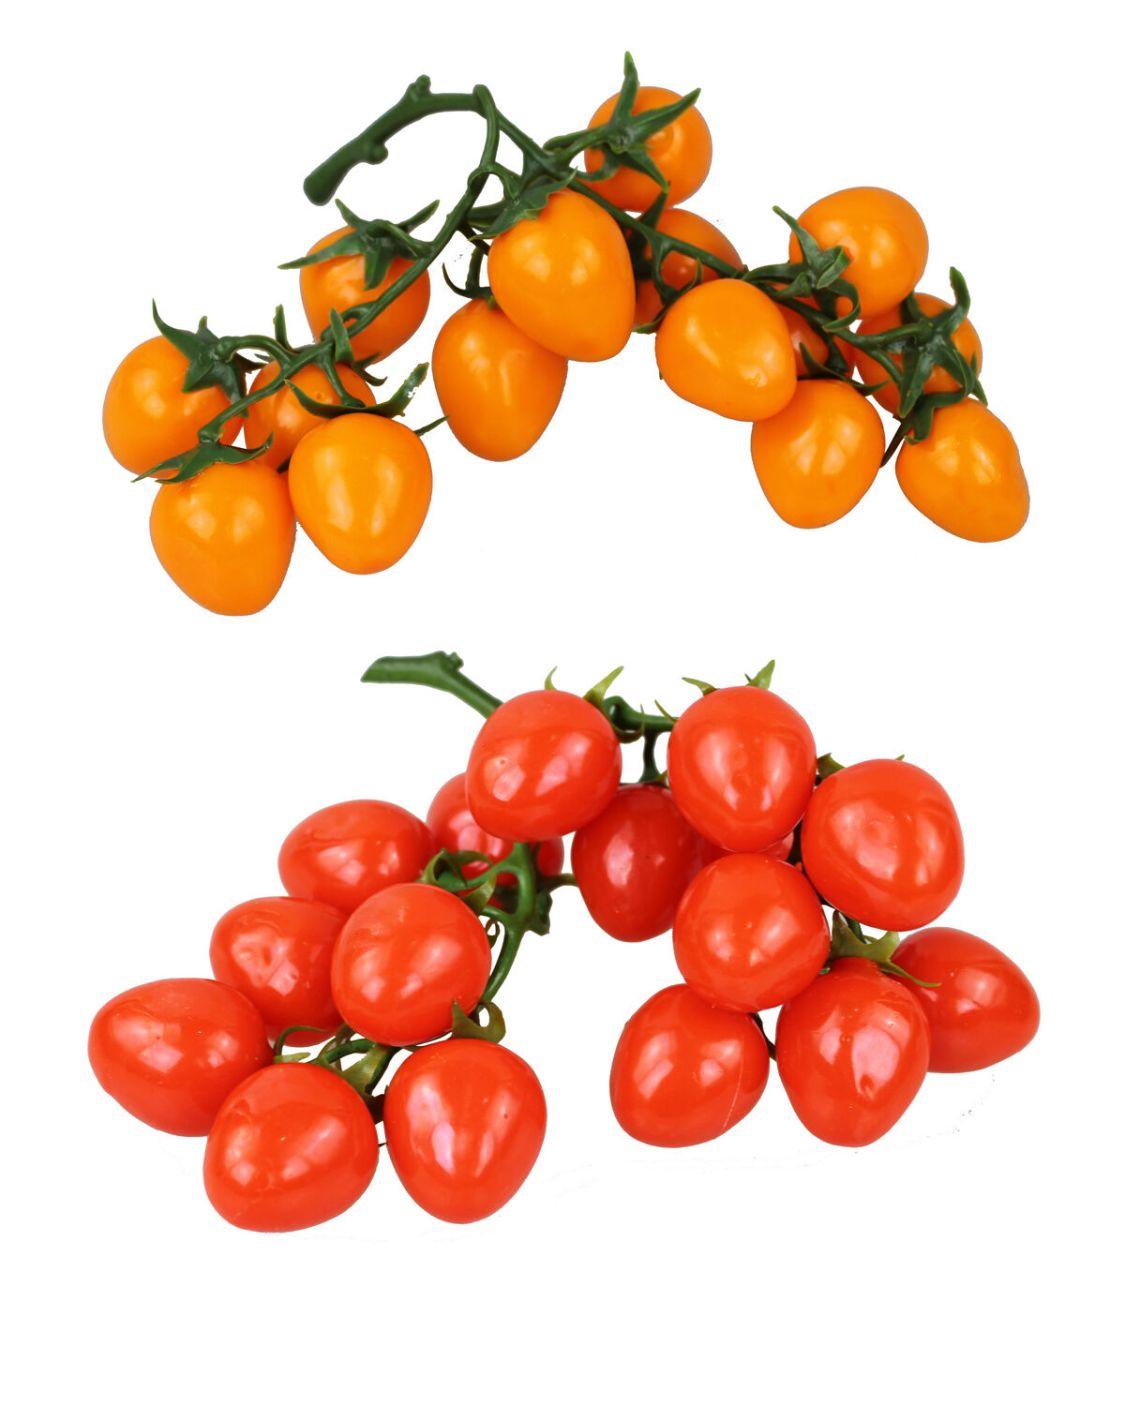 Deko Cherry Tomaten Rispe Bund Kunstobst Kunstgemüse künstliches Obst Gemüse